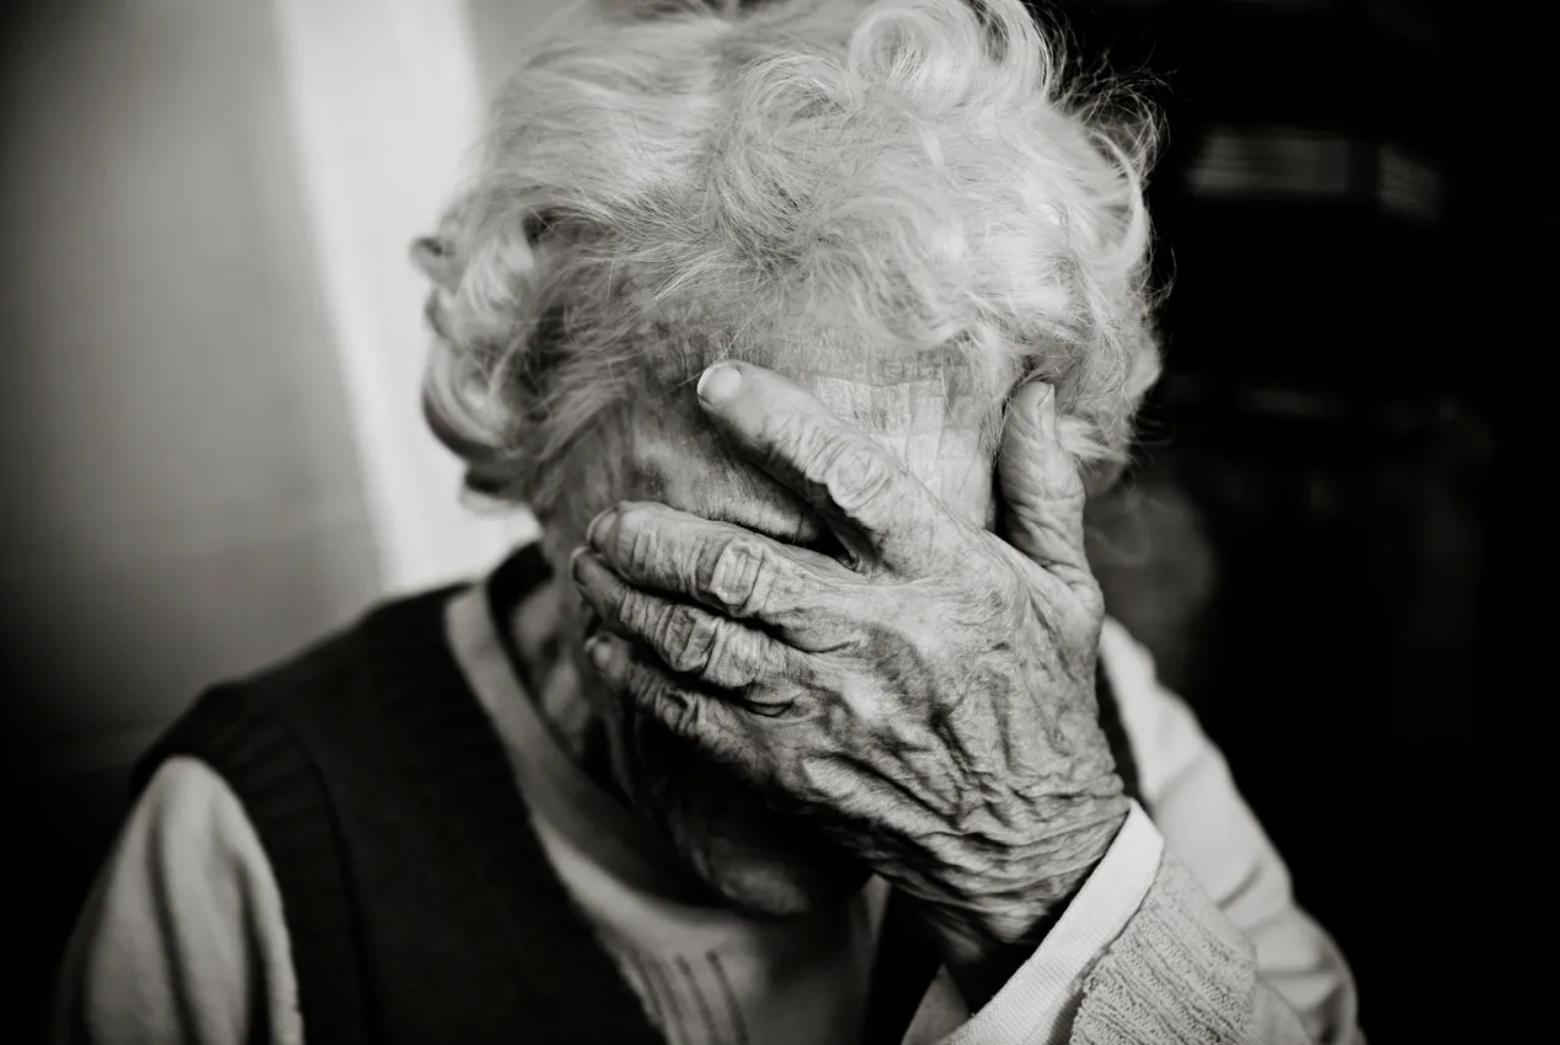 SZ-Magazin: Ich dachte, ich kenne das Gefühl von Einsamkeit